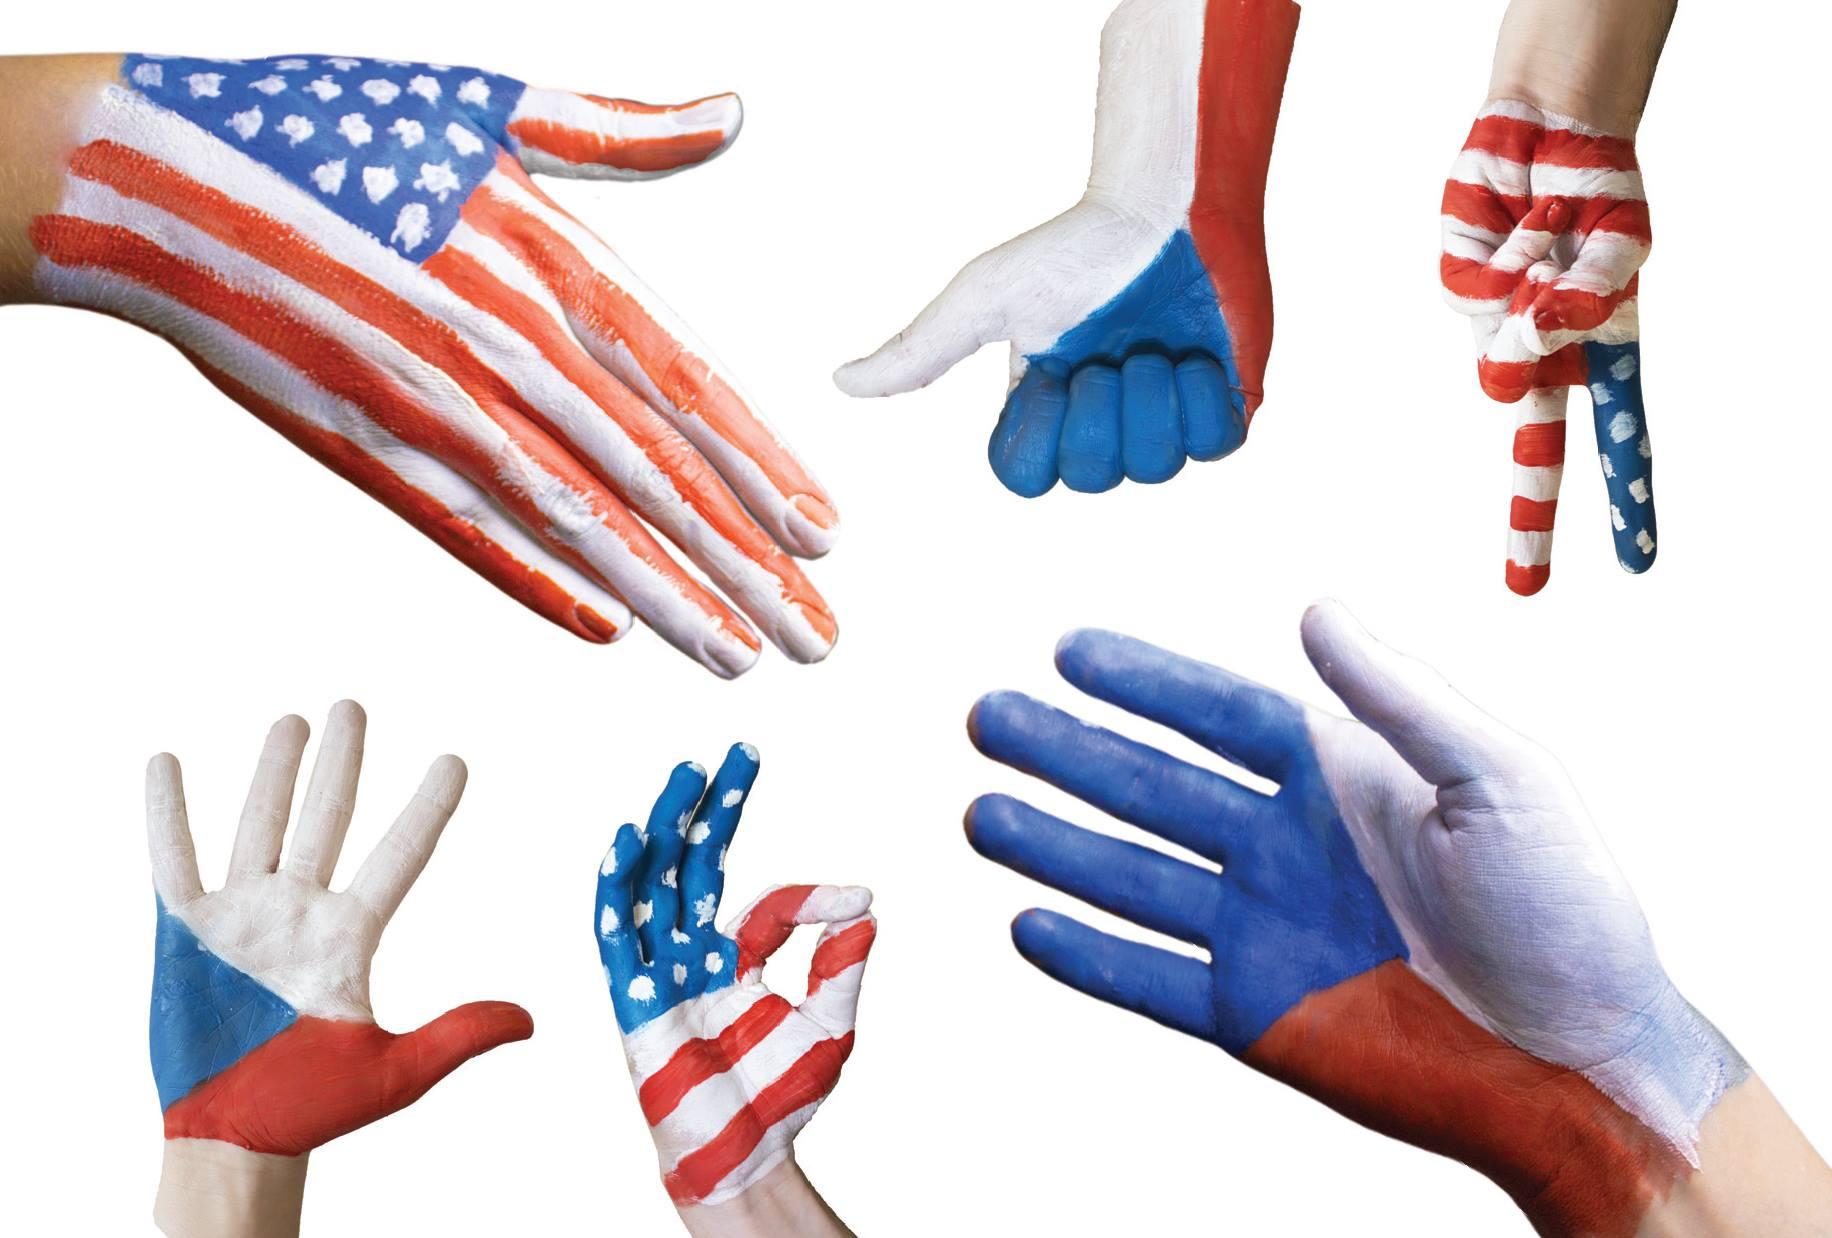 Konference Plzeňské rozhovory II přiblíží česko-americké vztahy